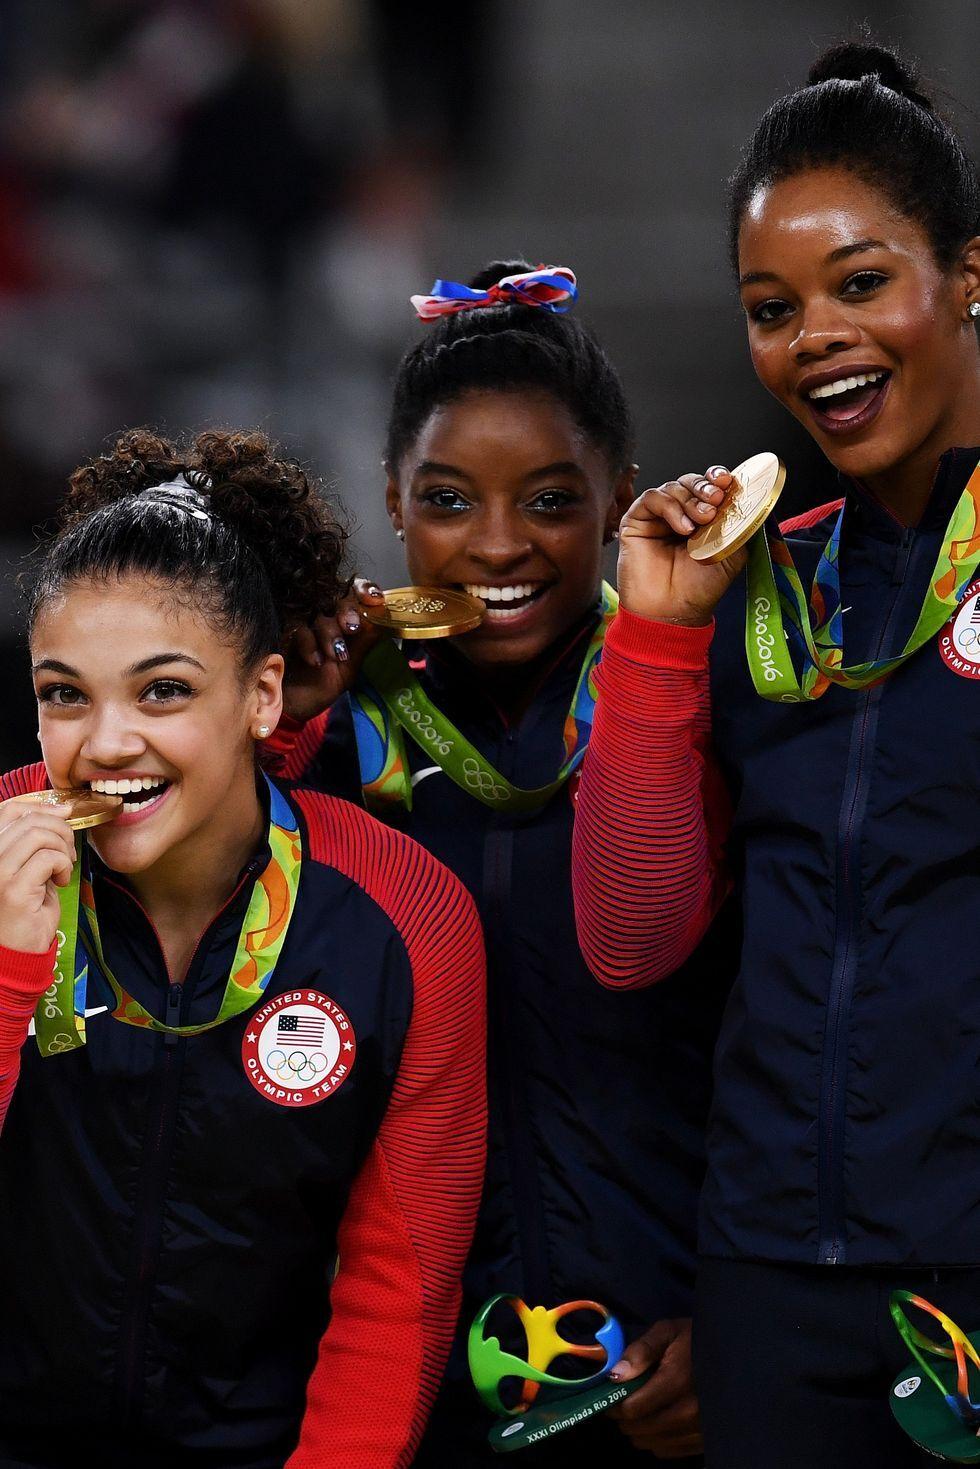 2016: Гимнастичките на Америка Исторически момент за американската спортна гимнастика настъпва когато отборът на САЩ взима златото за втора поредна олимпиада през 2016 г. Медалите им подхождат на класическите червено-сини ребристи анцузи.